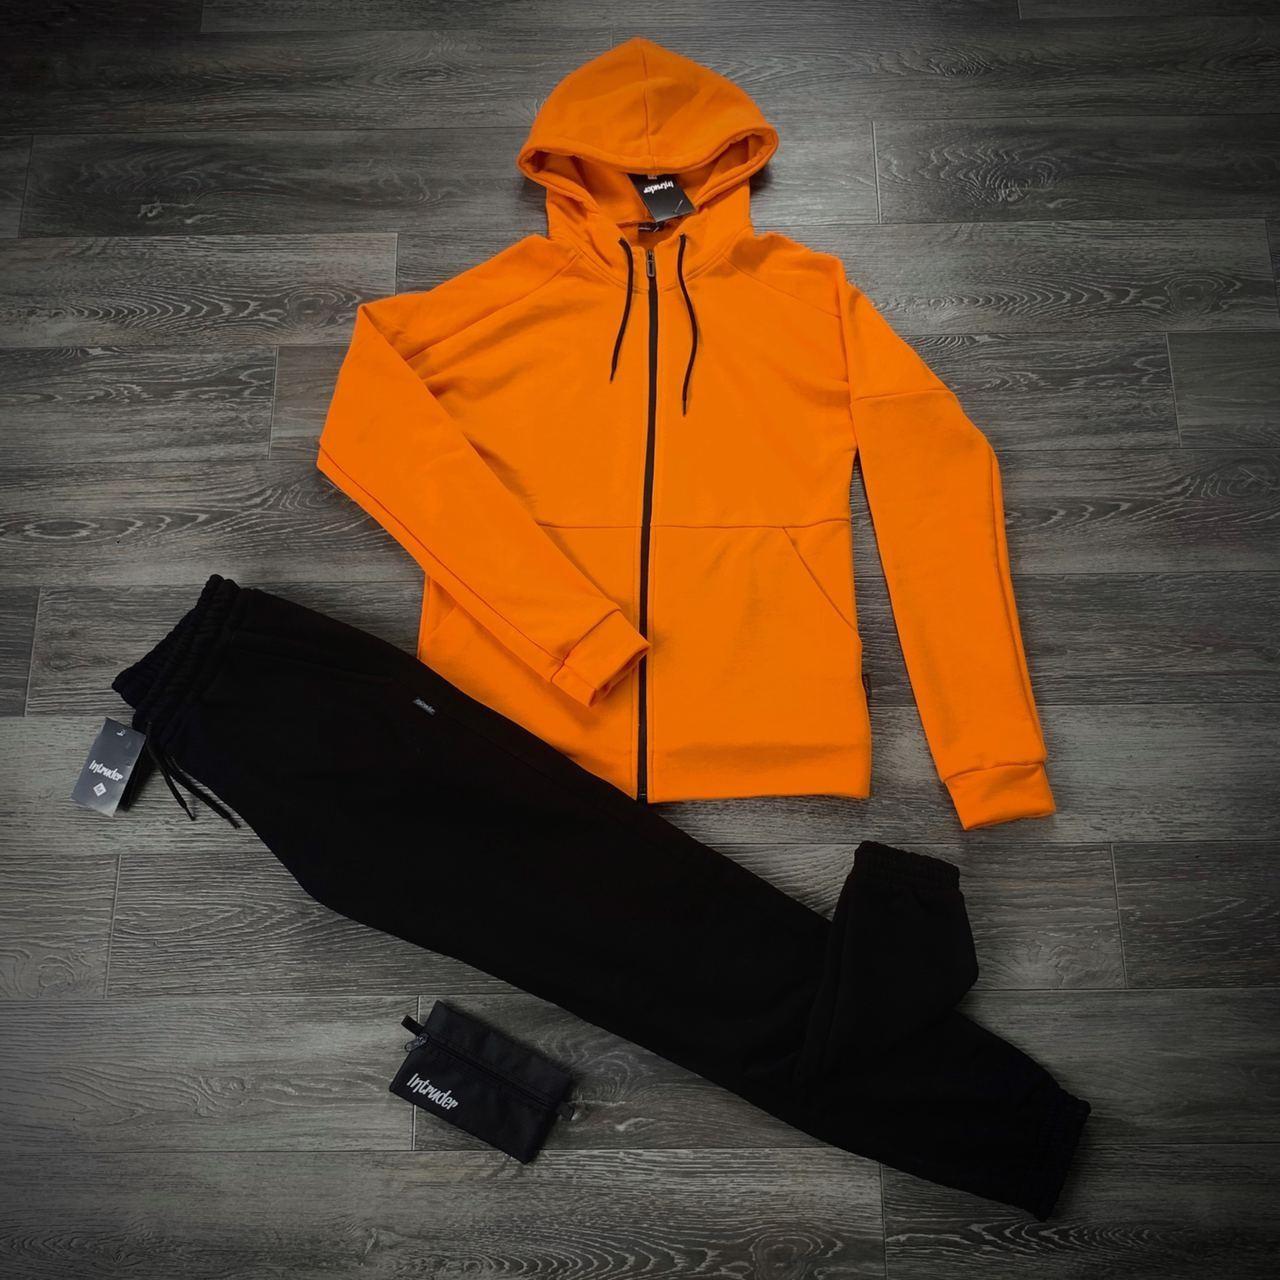 Костюм оранжевый-черный Intruder 'Cosmo'